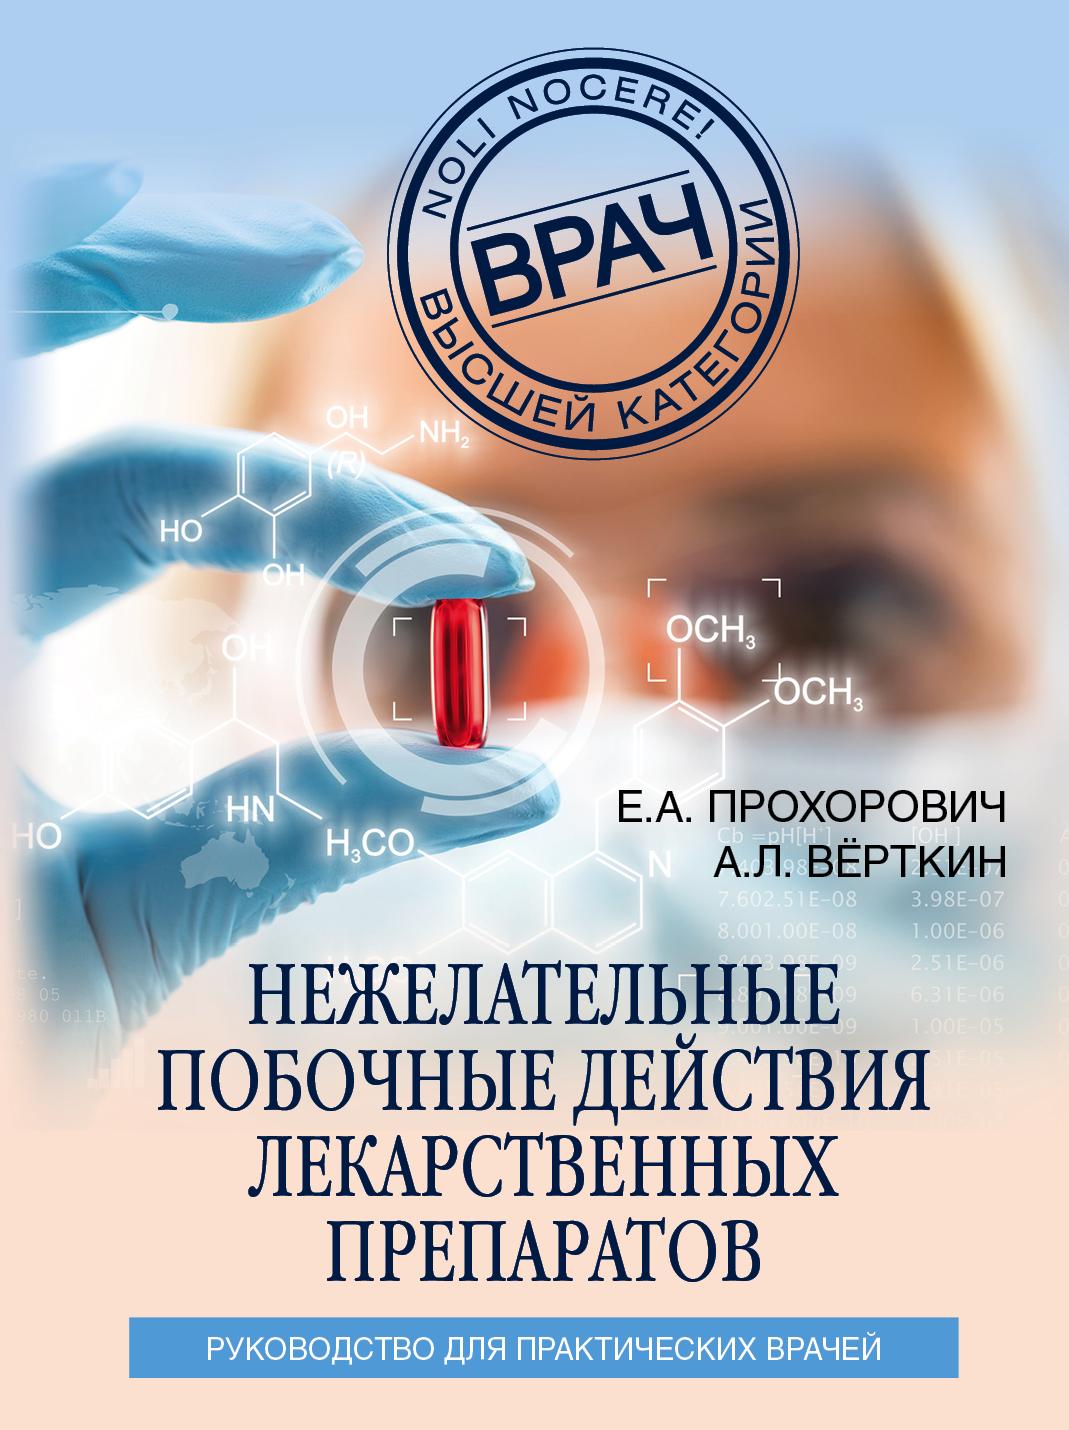 Nezhelatelnye pobochnye reaktsii lekarstvennykh preparatov